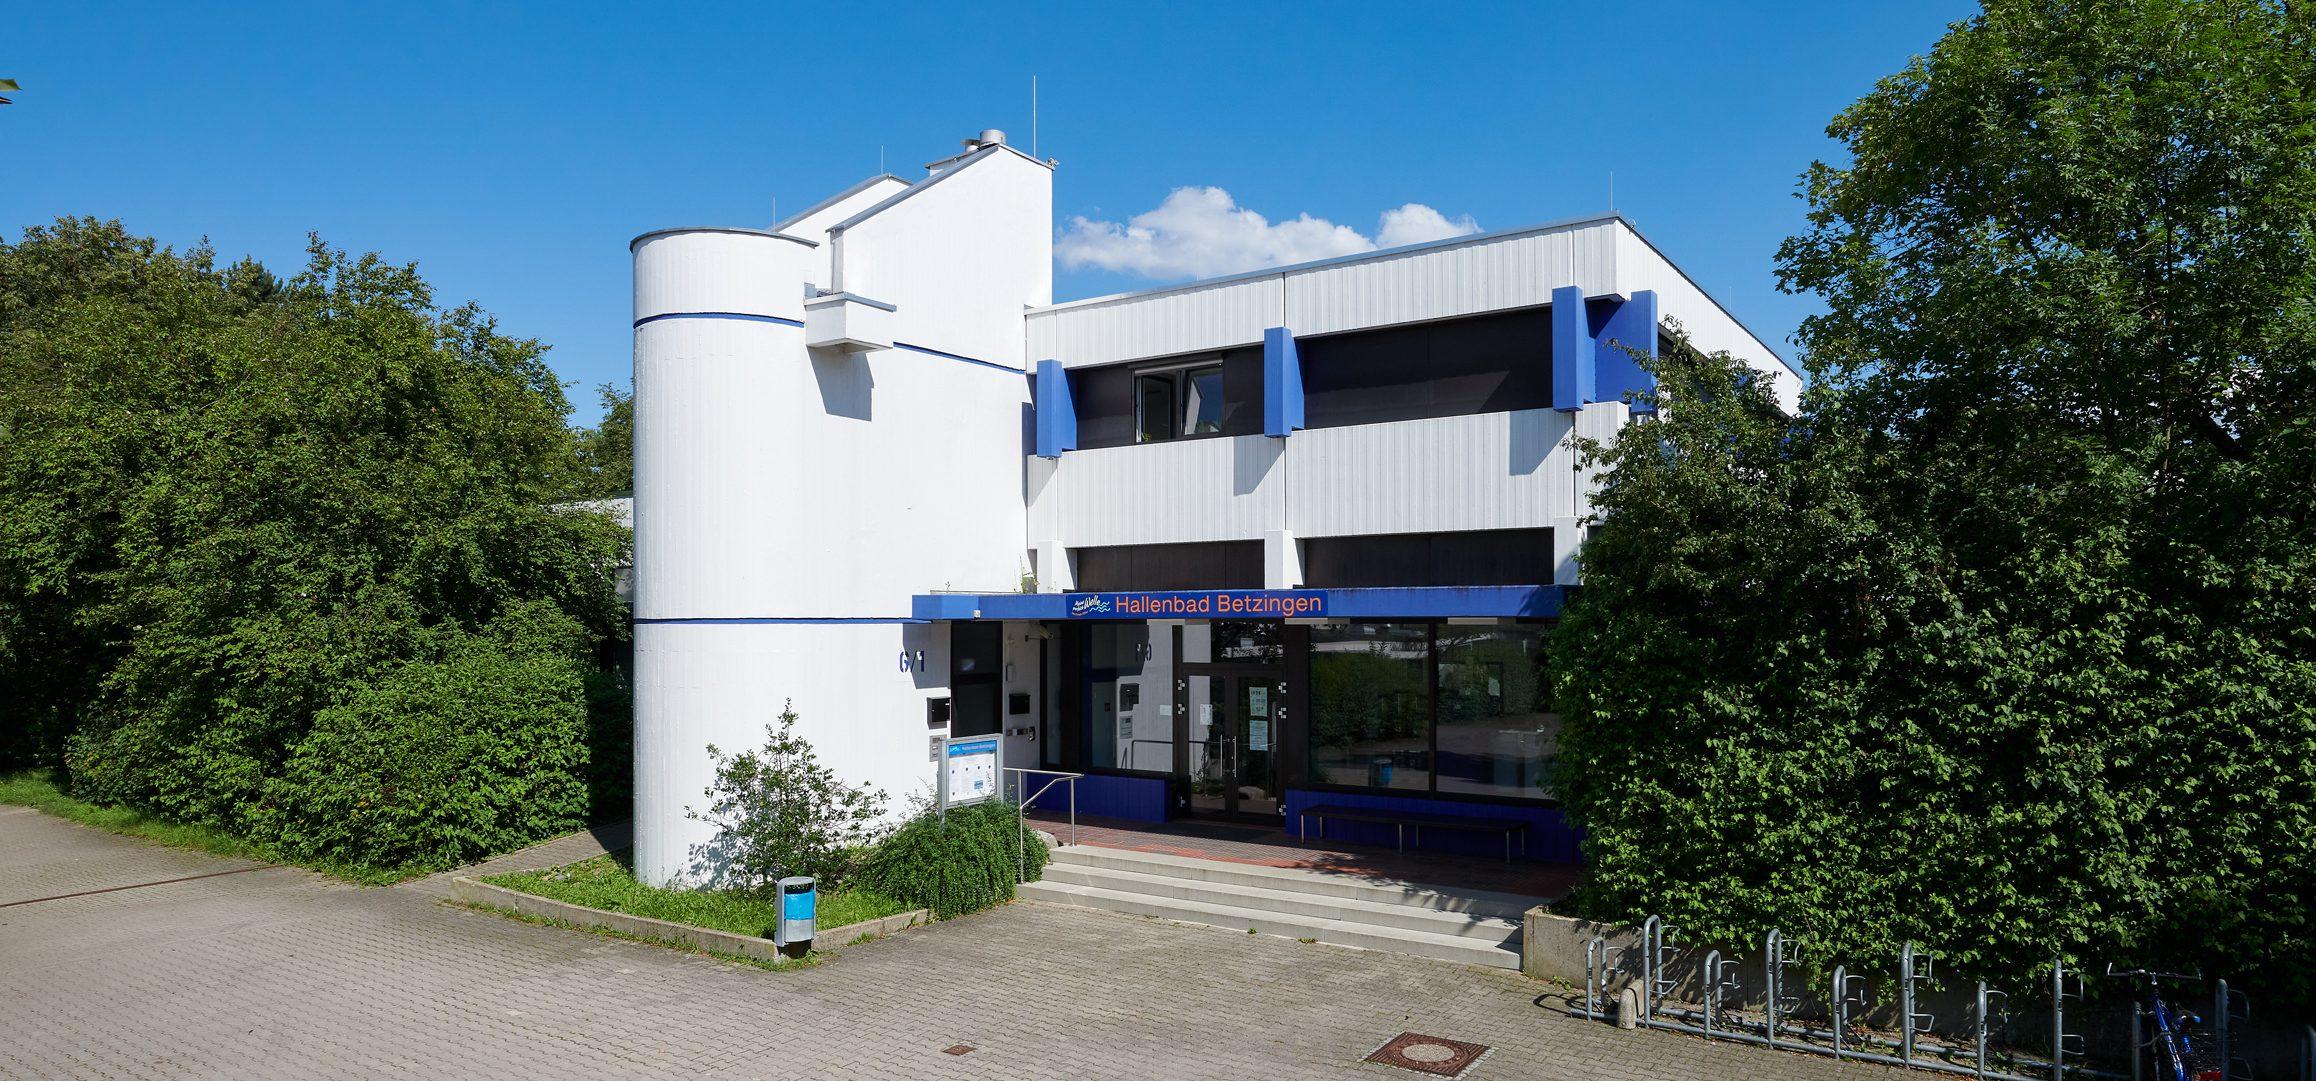 Hallenbäder Betzingen und Orschel-Hagen